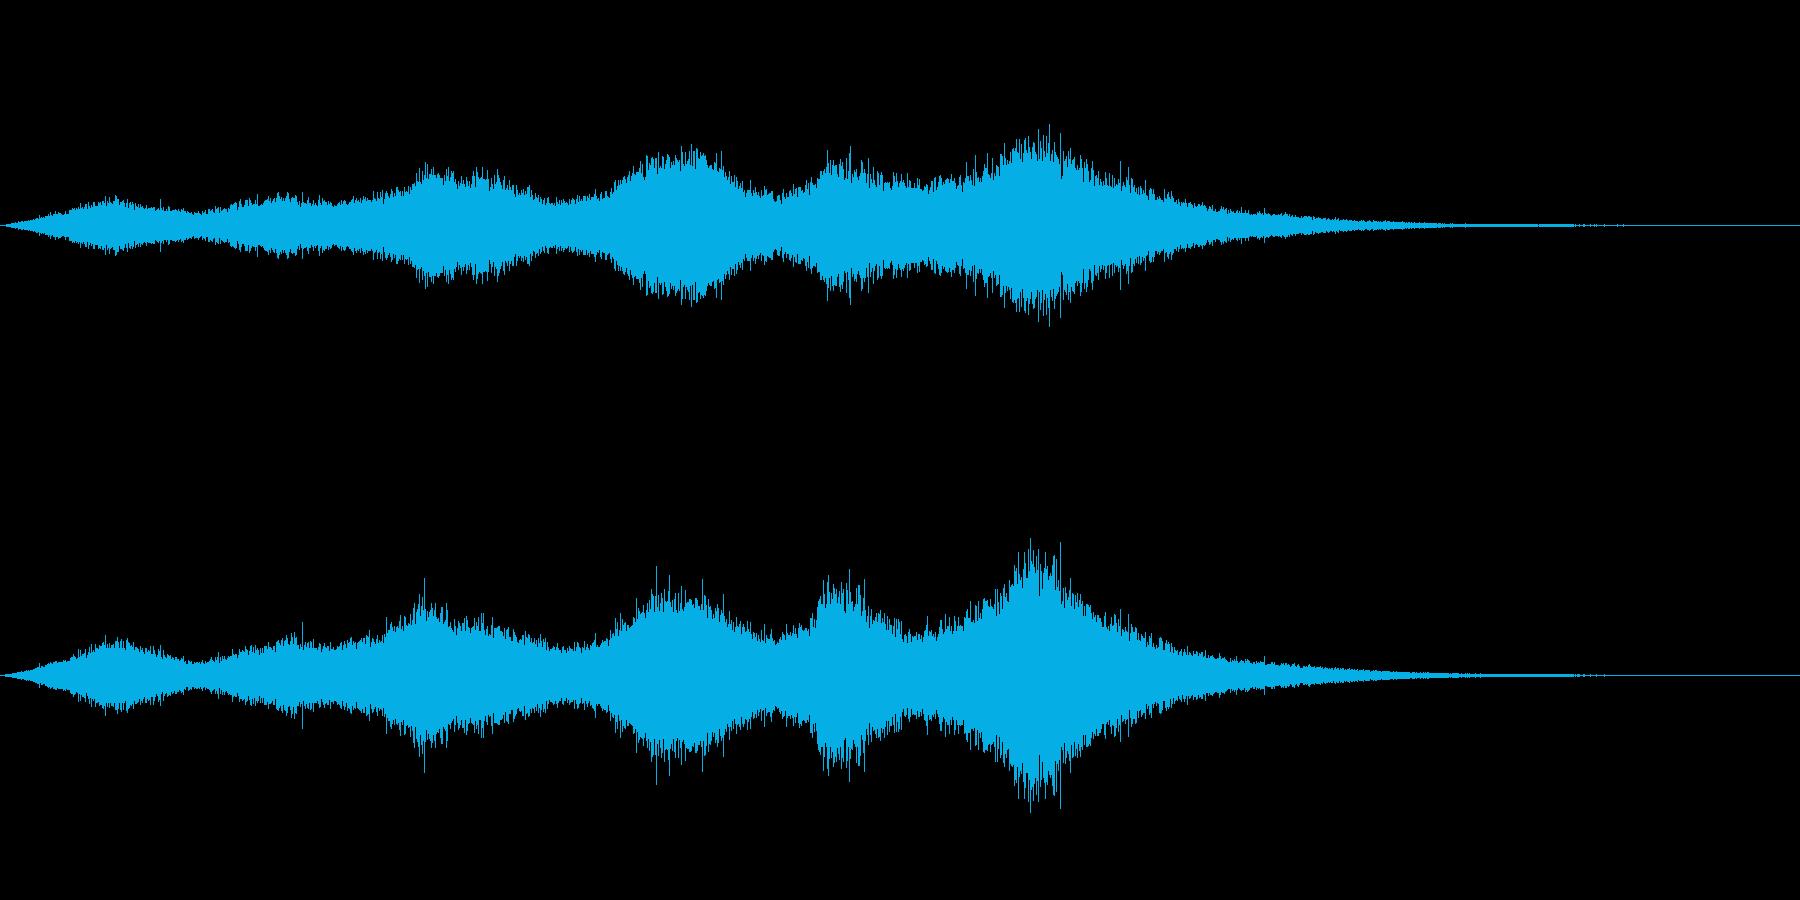 「ザザ〜ッサブ〜ン」大海原の大波のSEの再生済みの波形